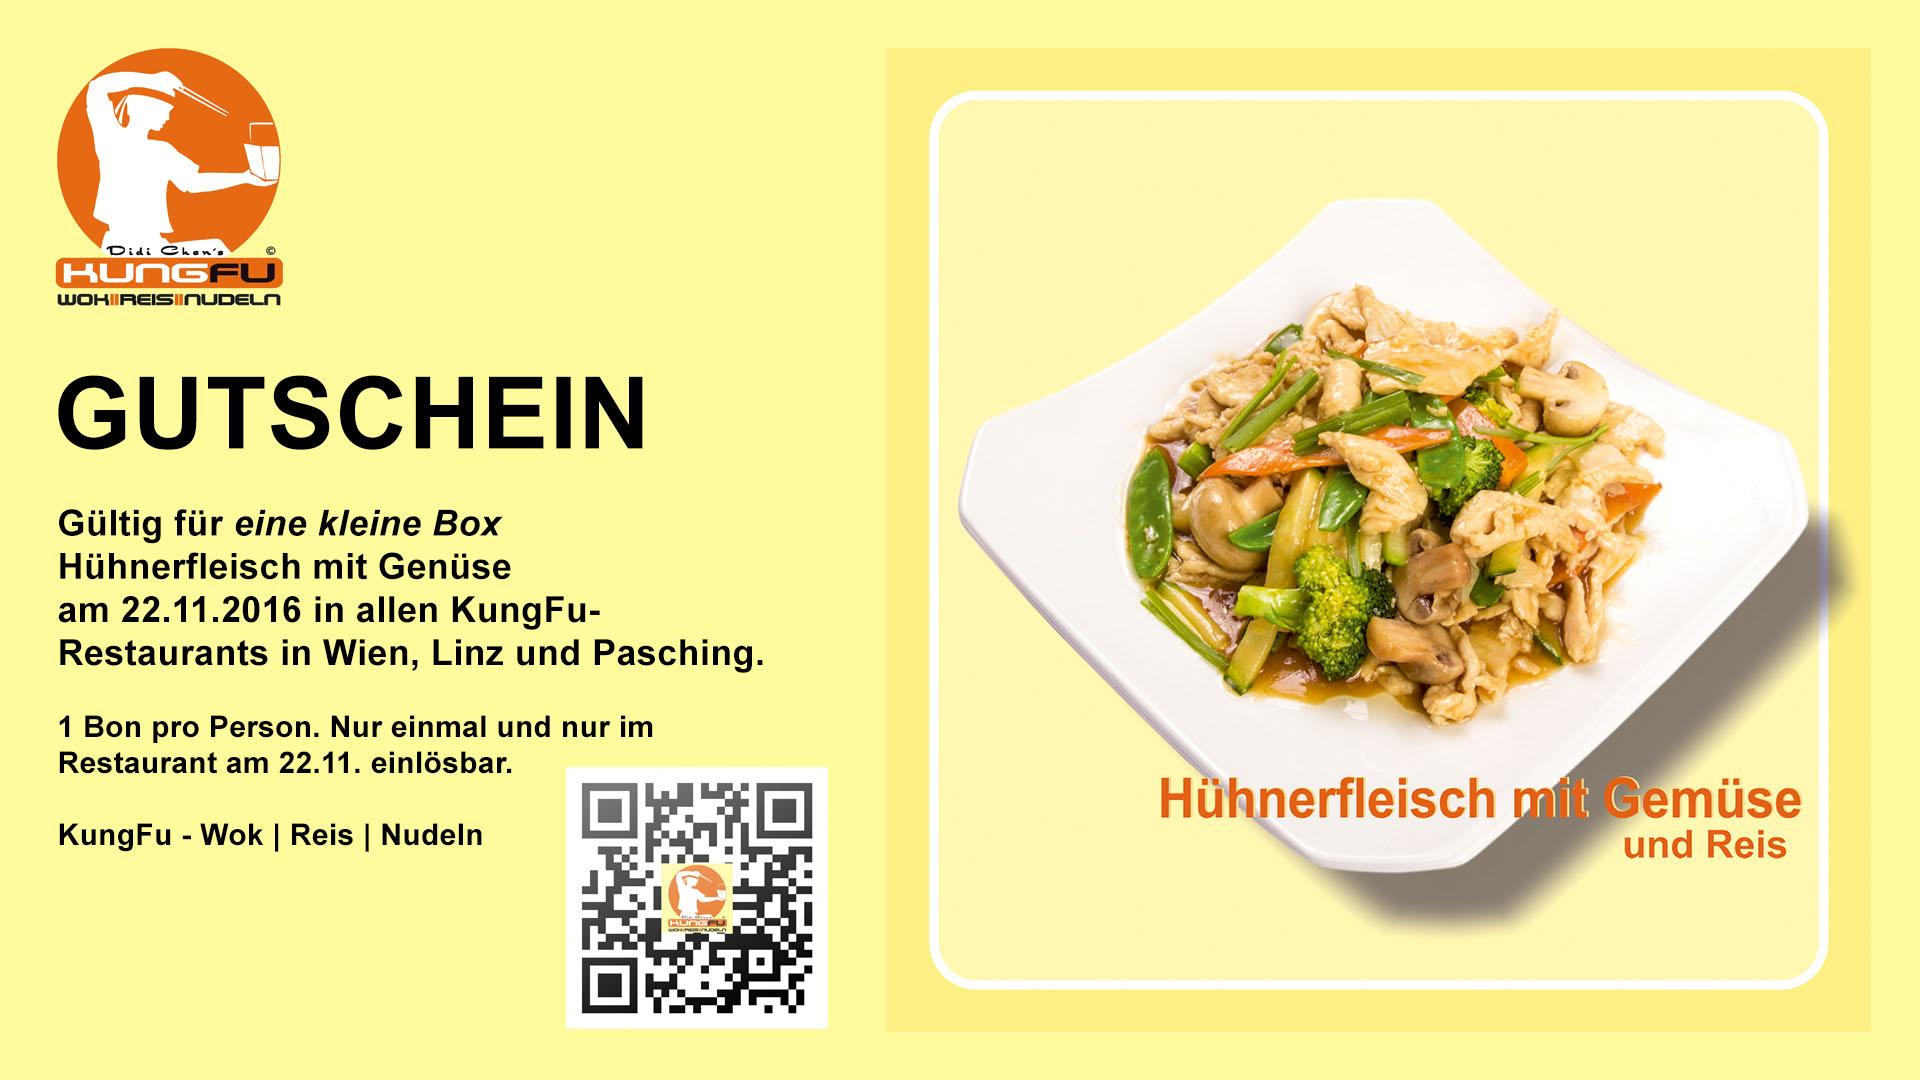 KungFu: Kleine Box Hühnerfleisch mit Gemüse komplett kostenlos! - Nur am 22. November